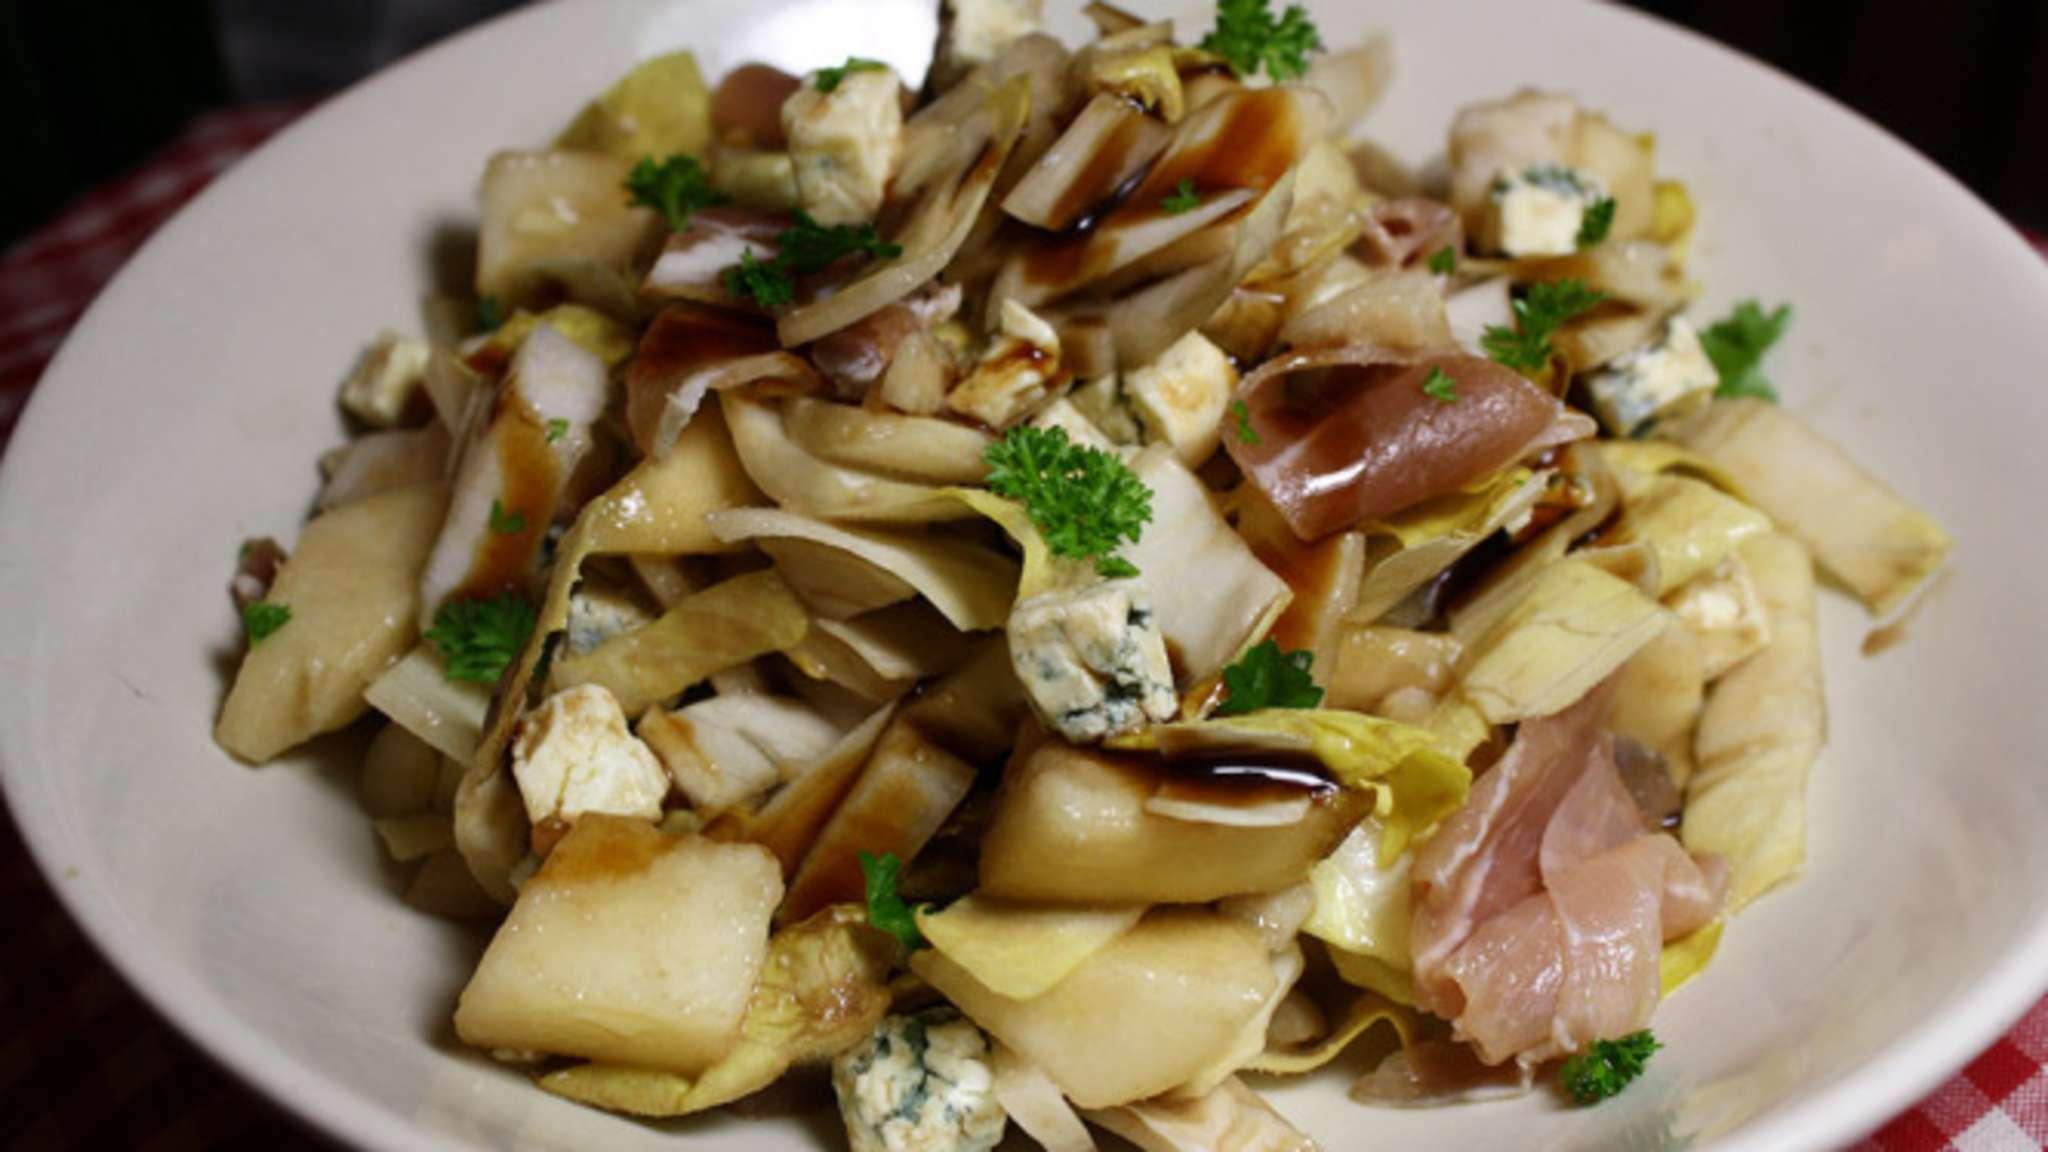 Salade d'endives, poires, jambon sec et bleu